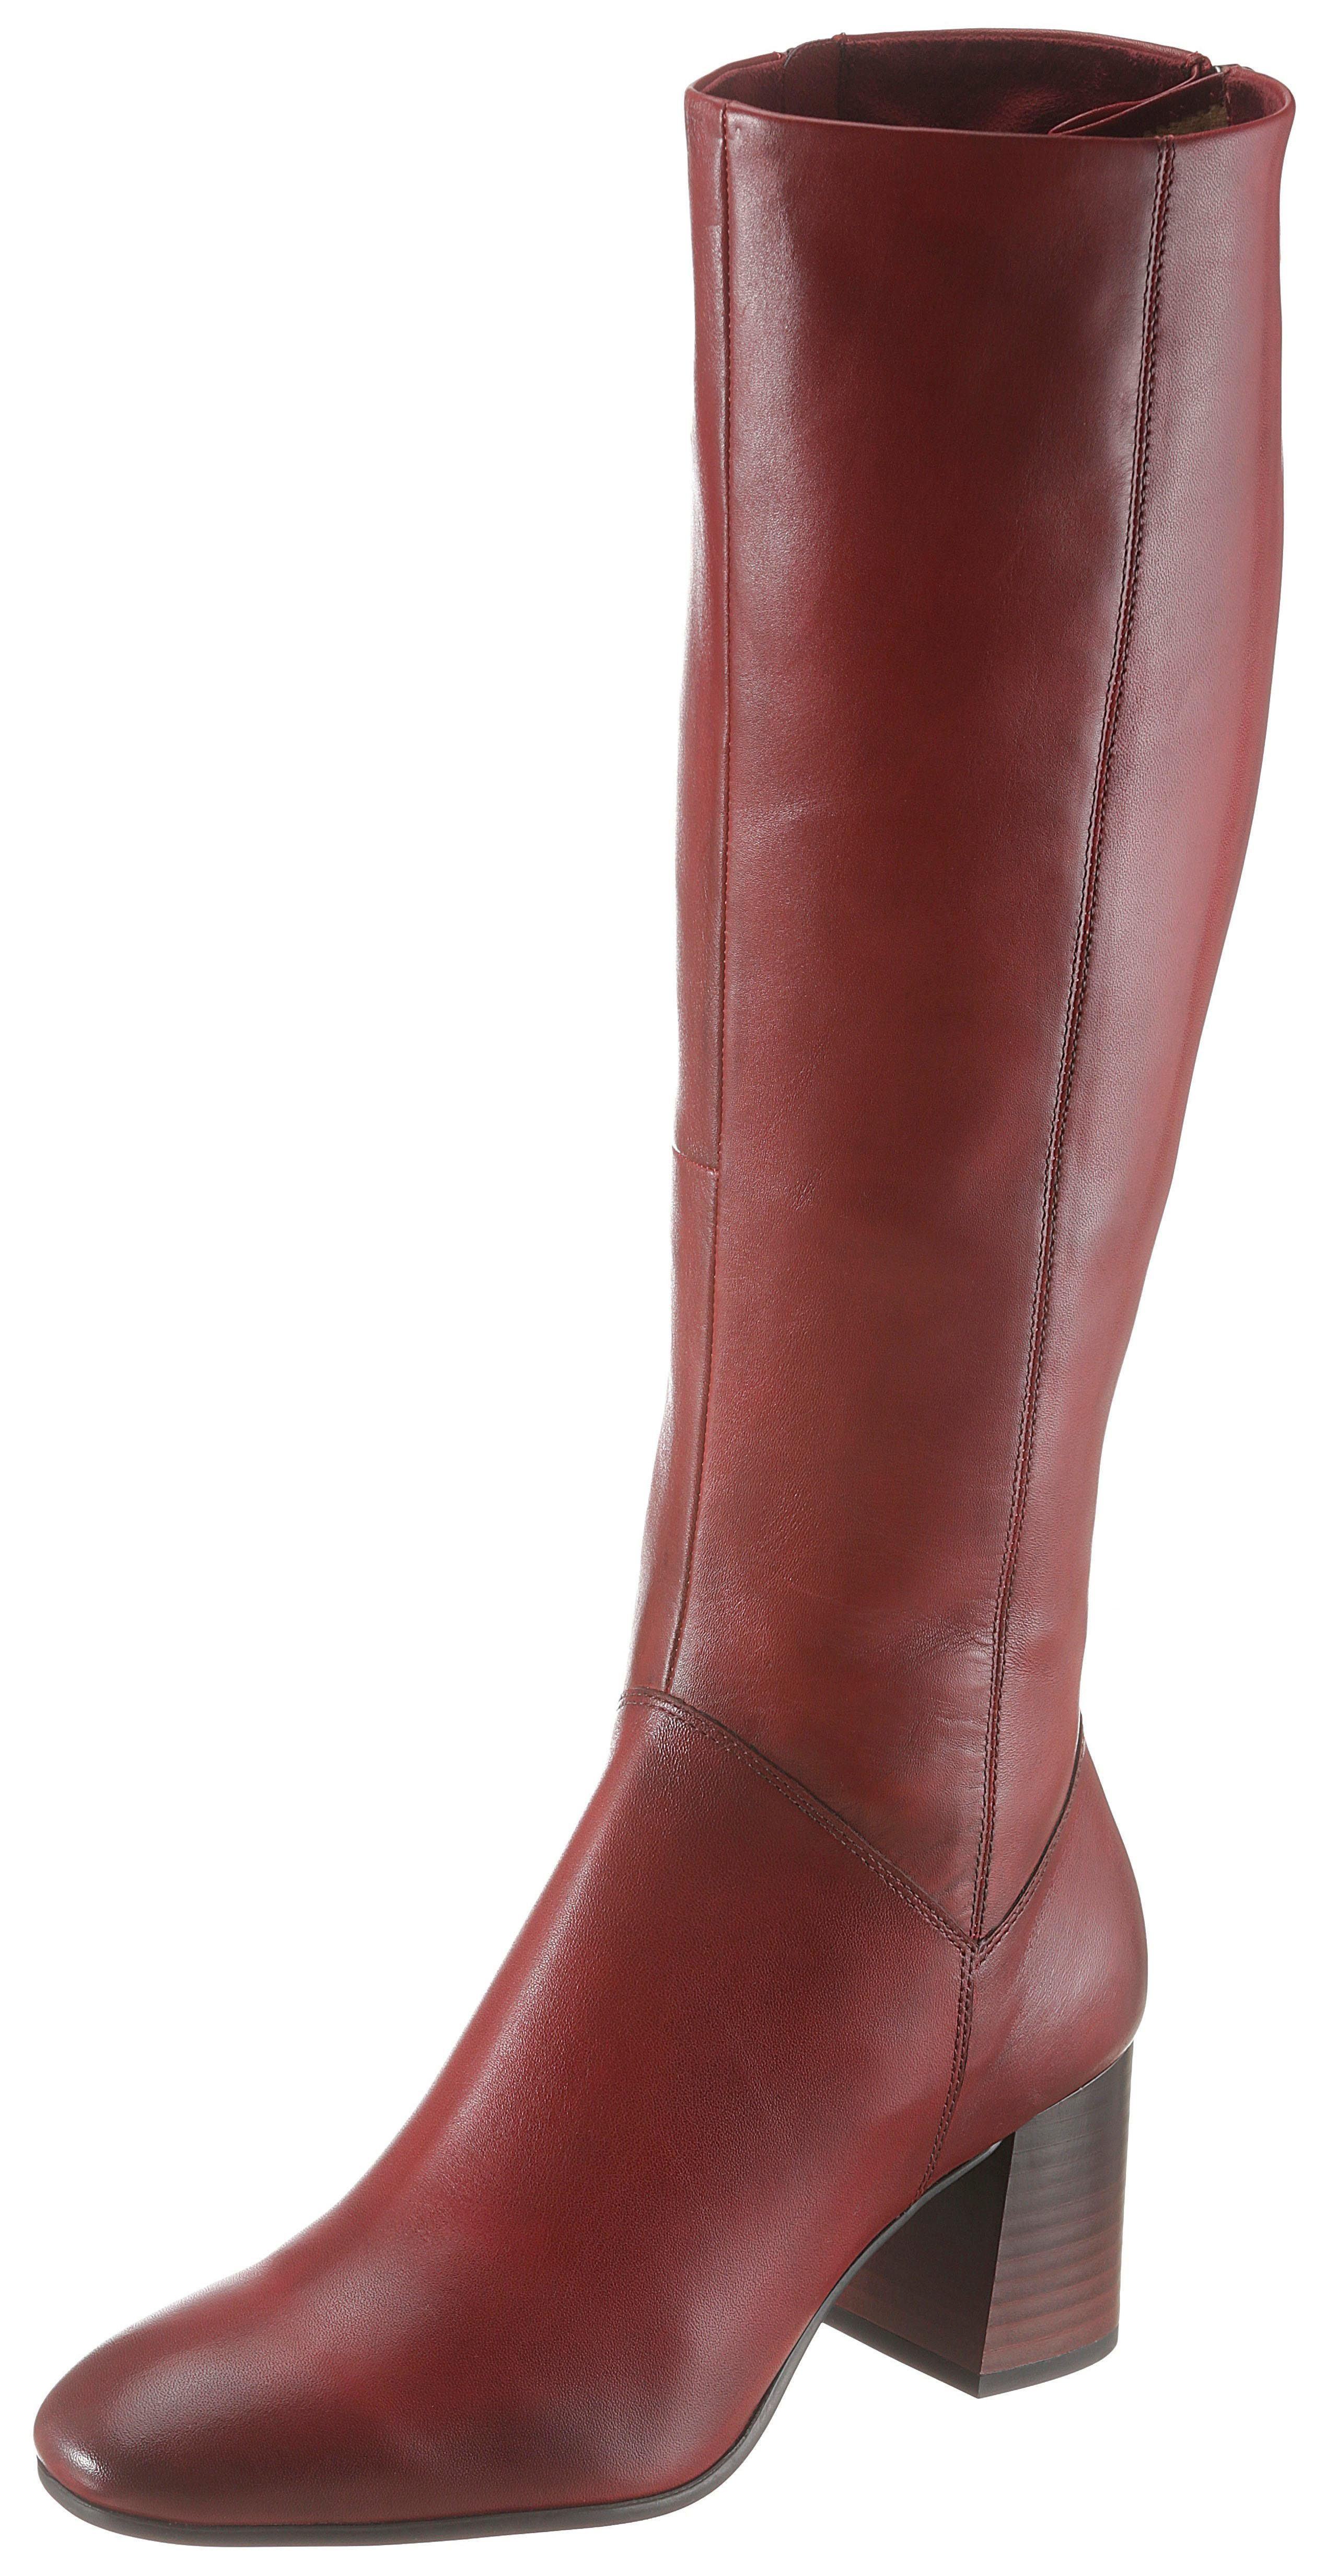 Tamaris »Solo« Stiefel mit regulierbarer Schaftweite von XS bis normal online kaufen | OTTO